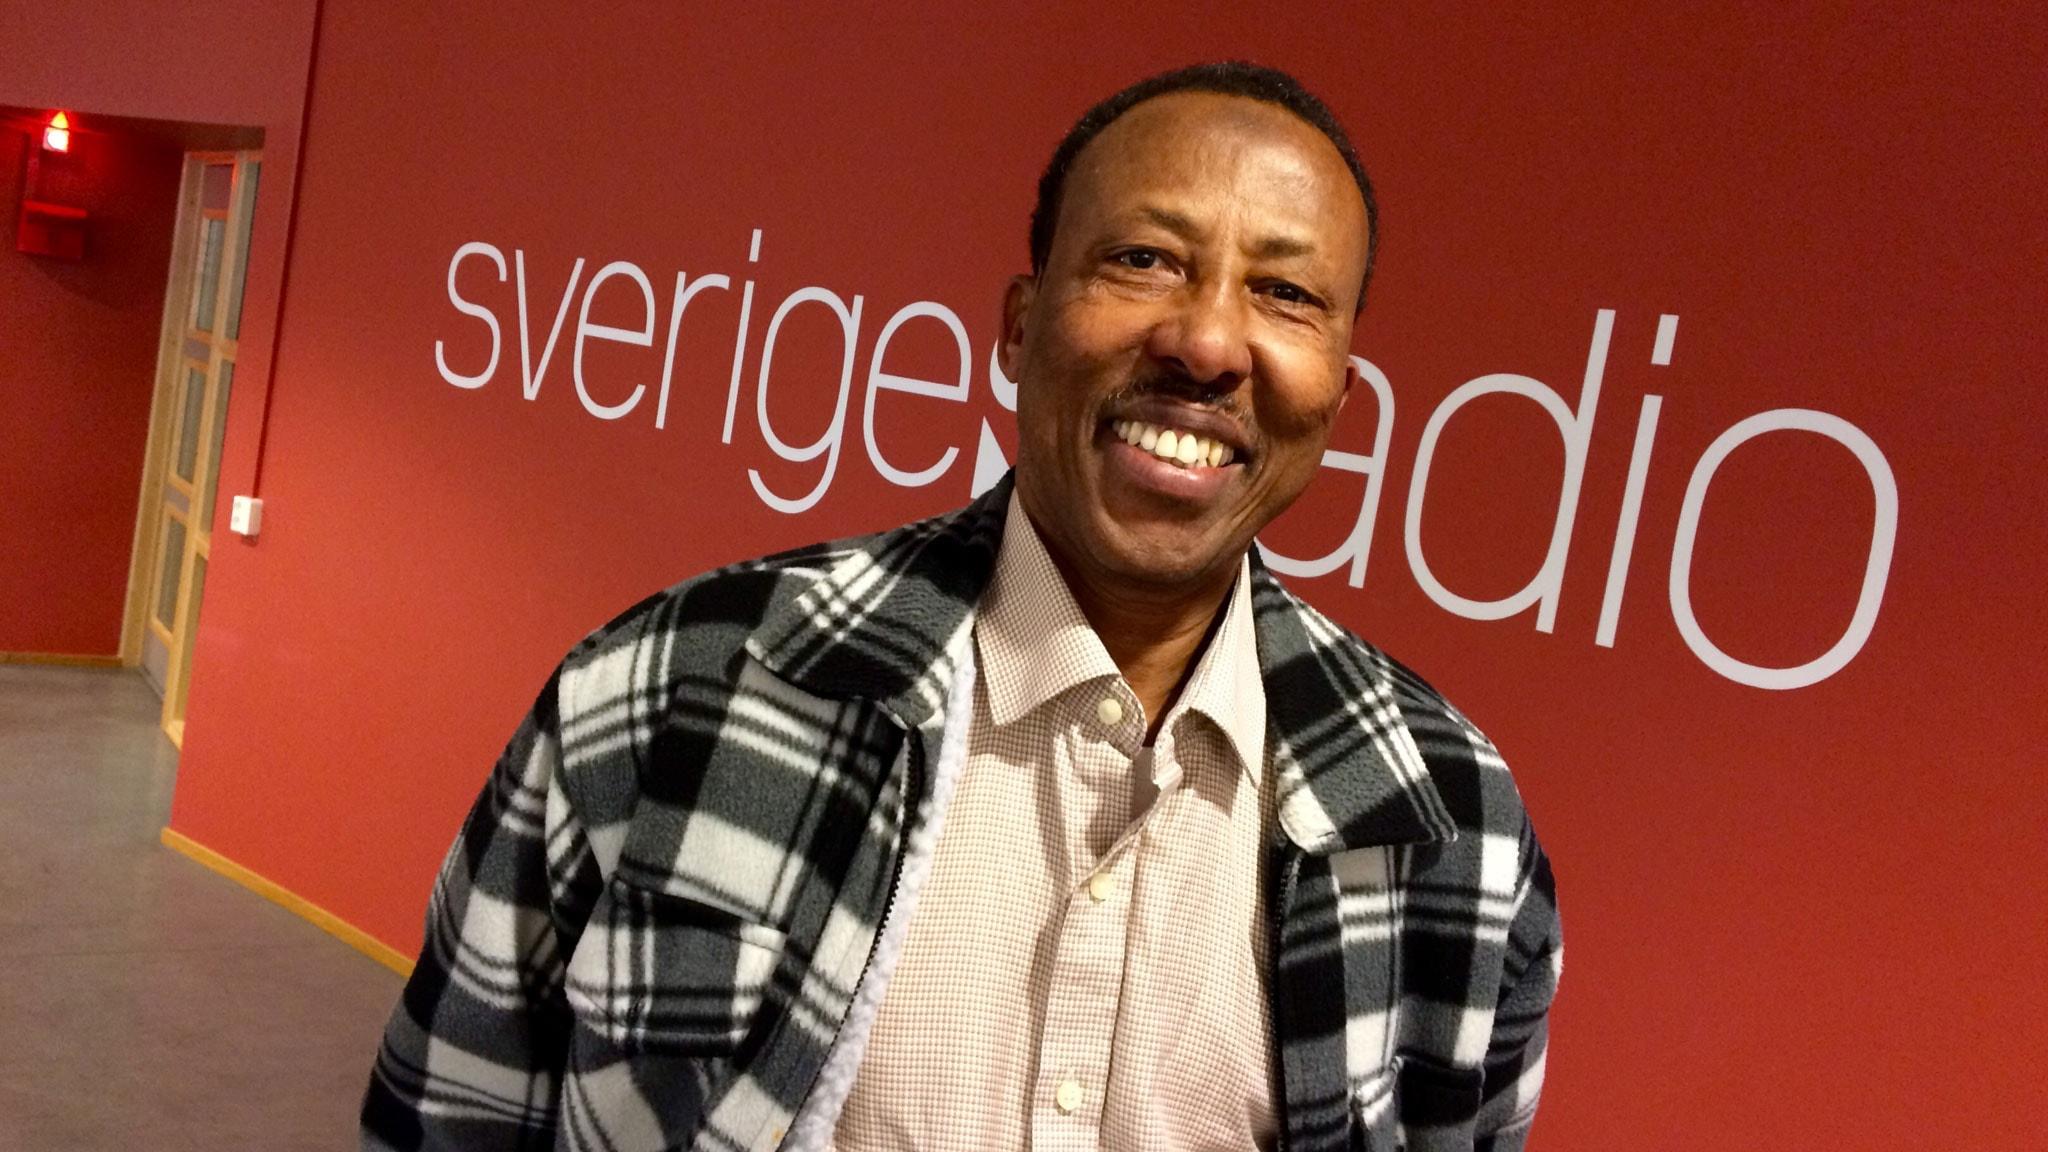 sverige radio somalia